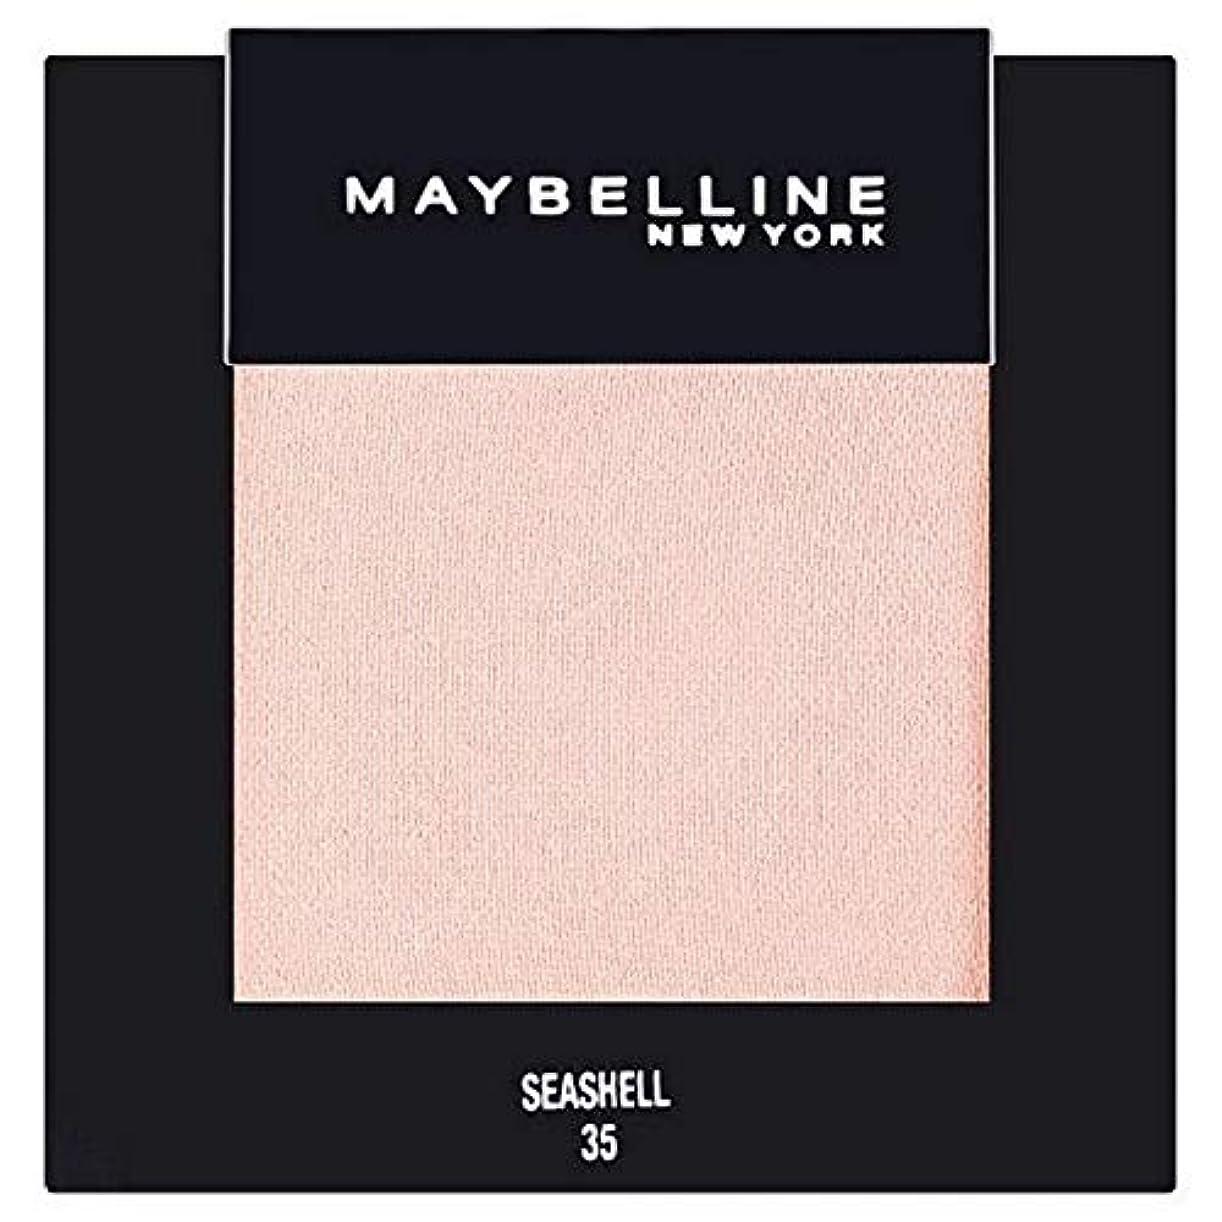 会計士観察する元の[Maybelline ] メイベリンカラーショーシングルアイシャドウ35貝殻 - Maybelline Color Show Single Eyeshadow 35 Seashell [並行輸入品]